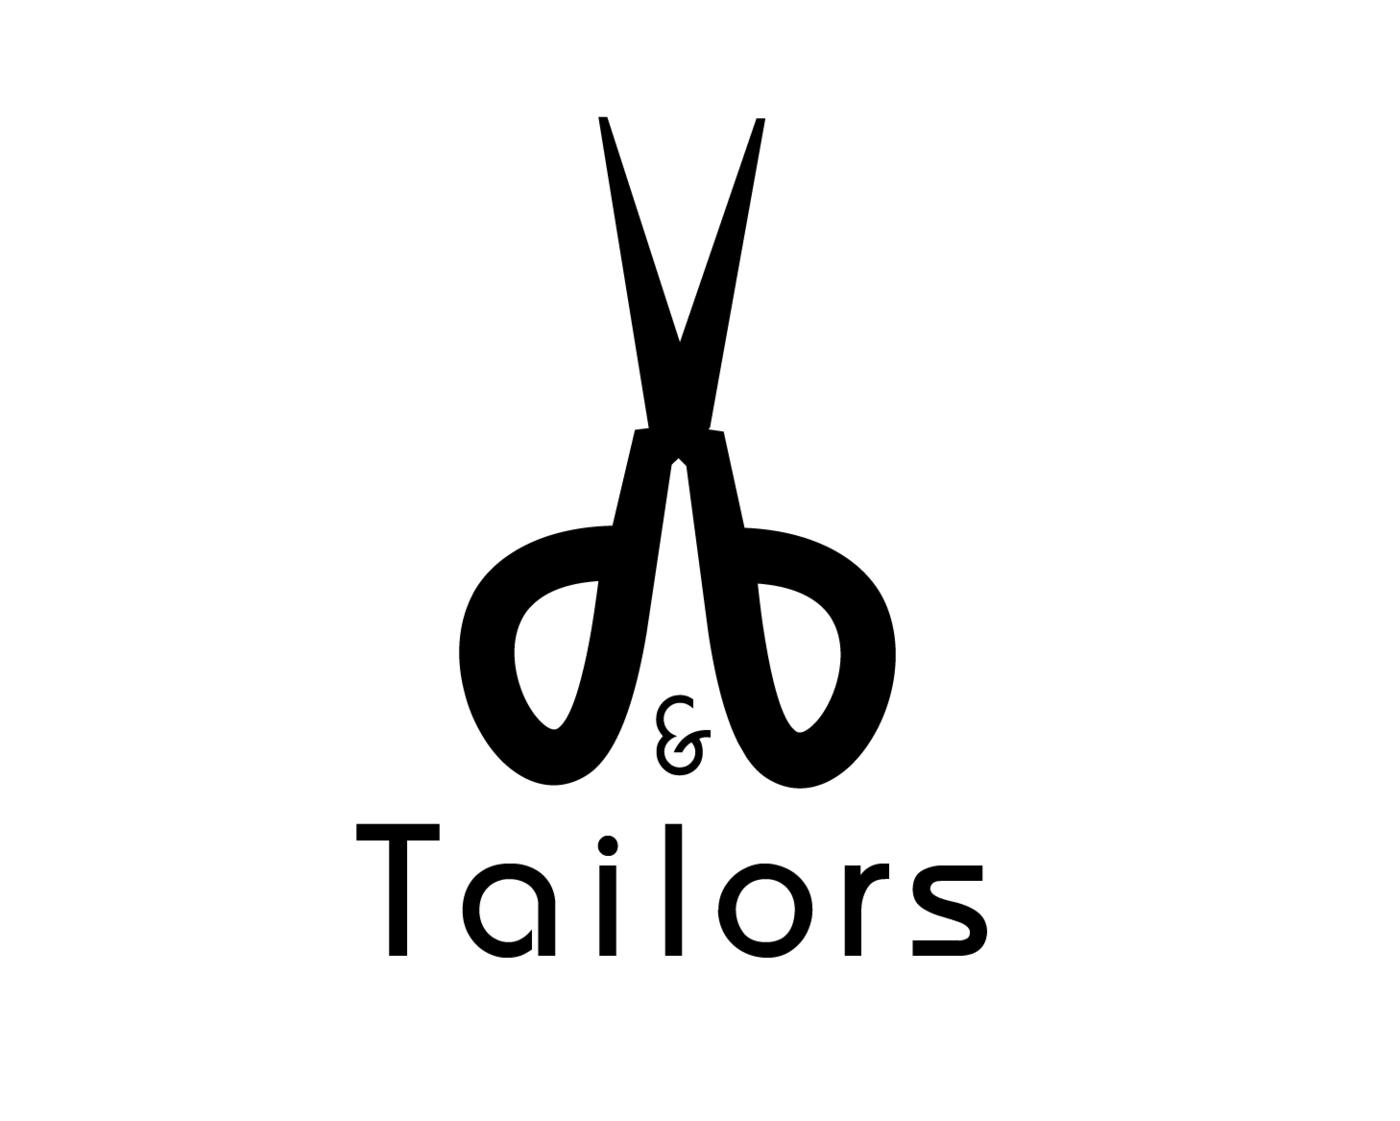 Logo Design by ramya rajasekar at Coroflot.com